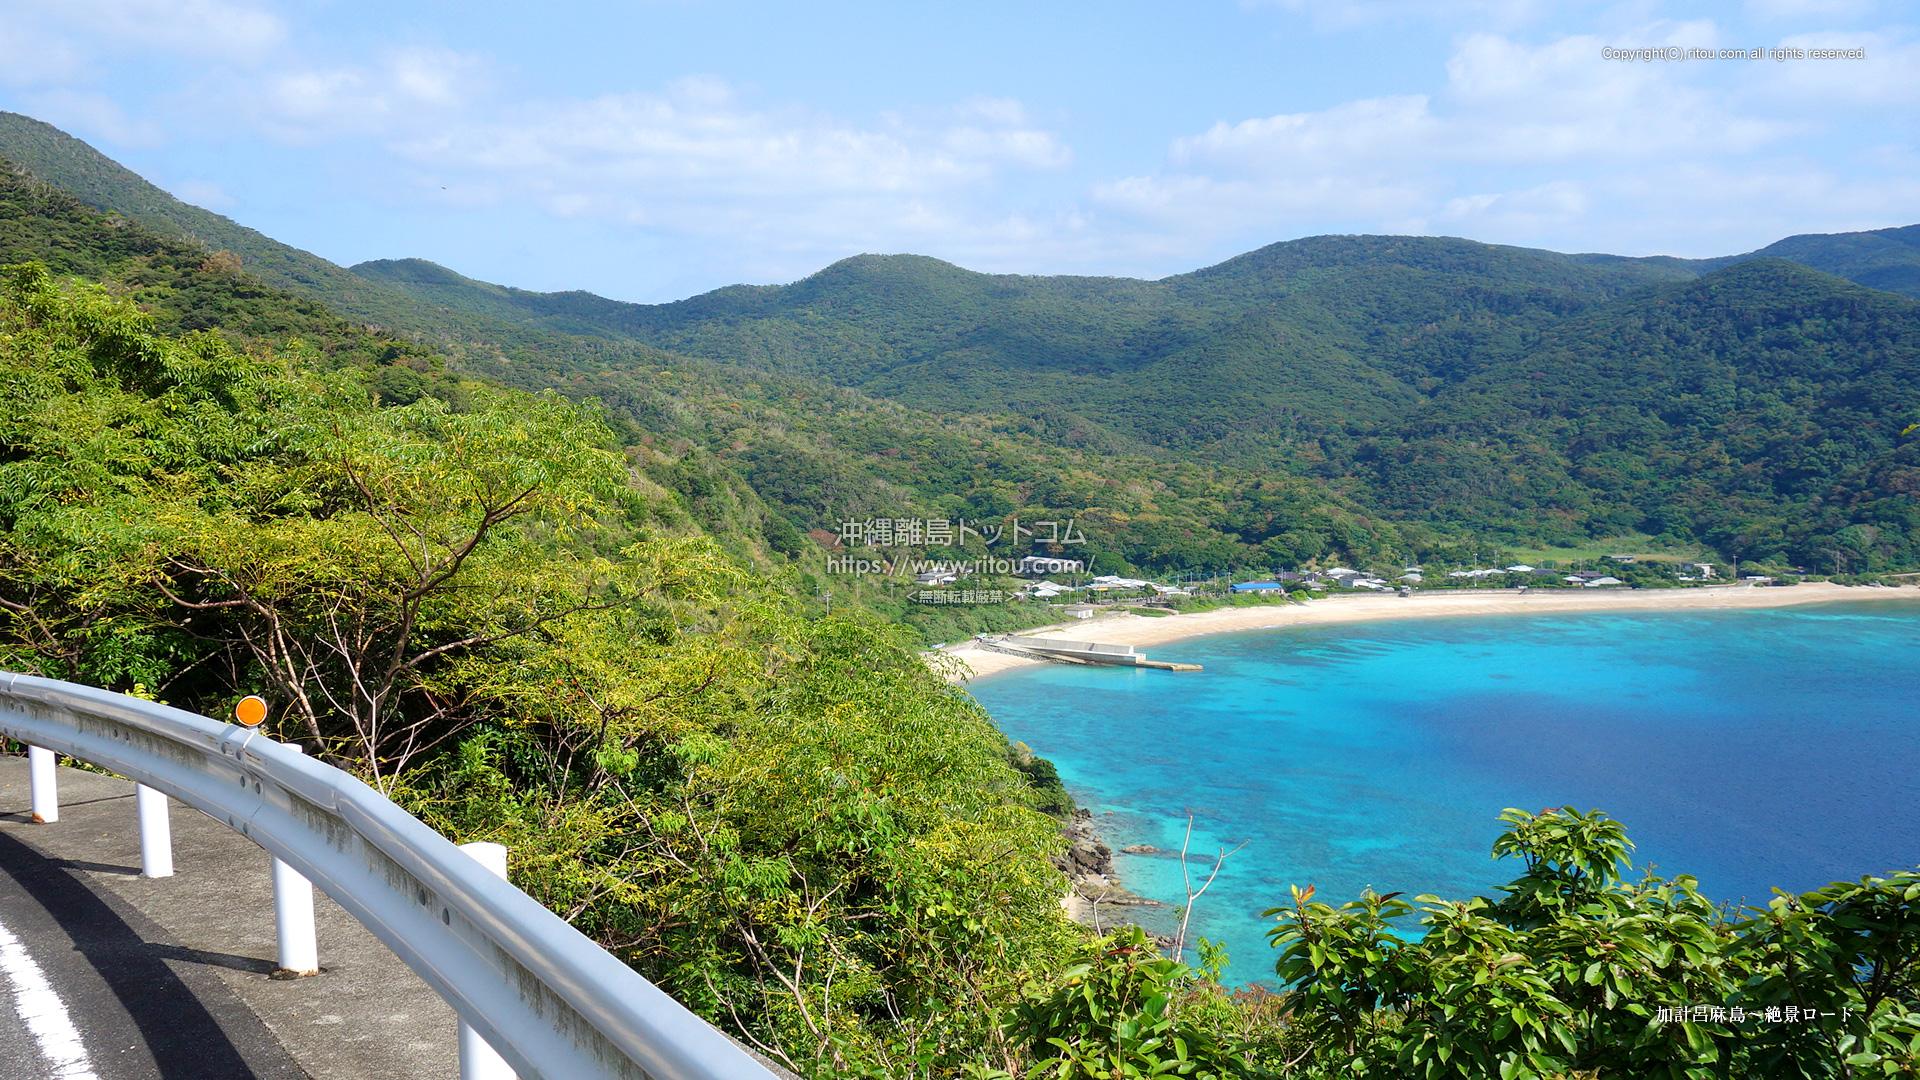 加計呂麻島〜絶景ロード